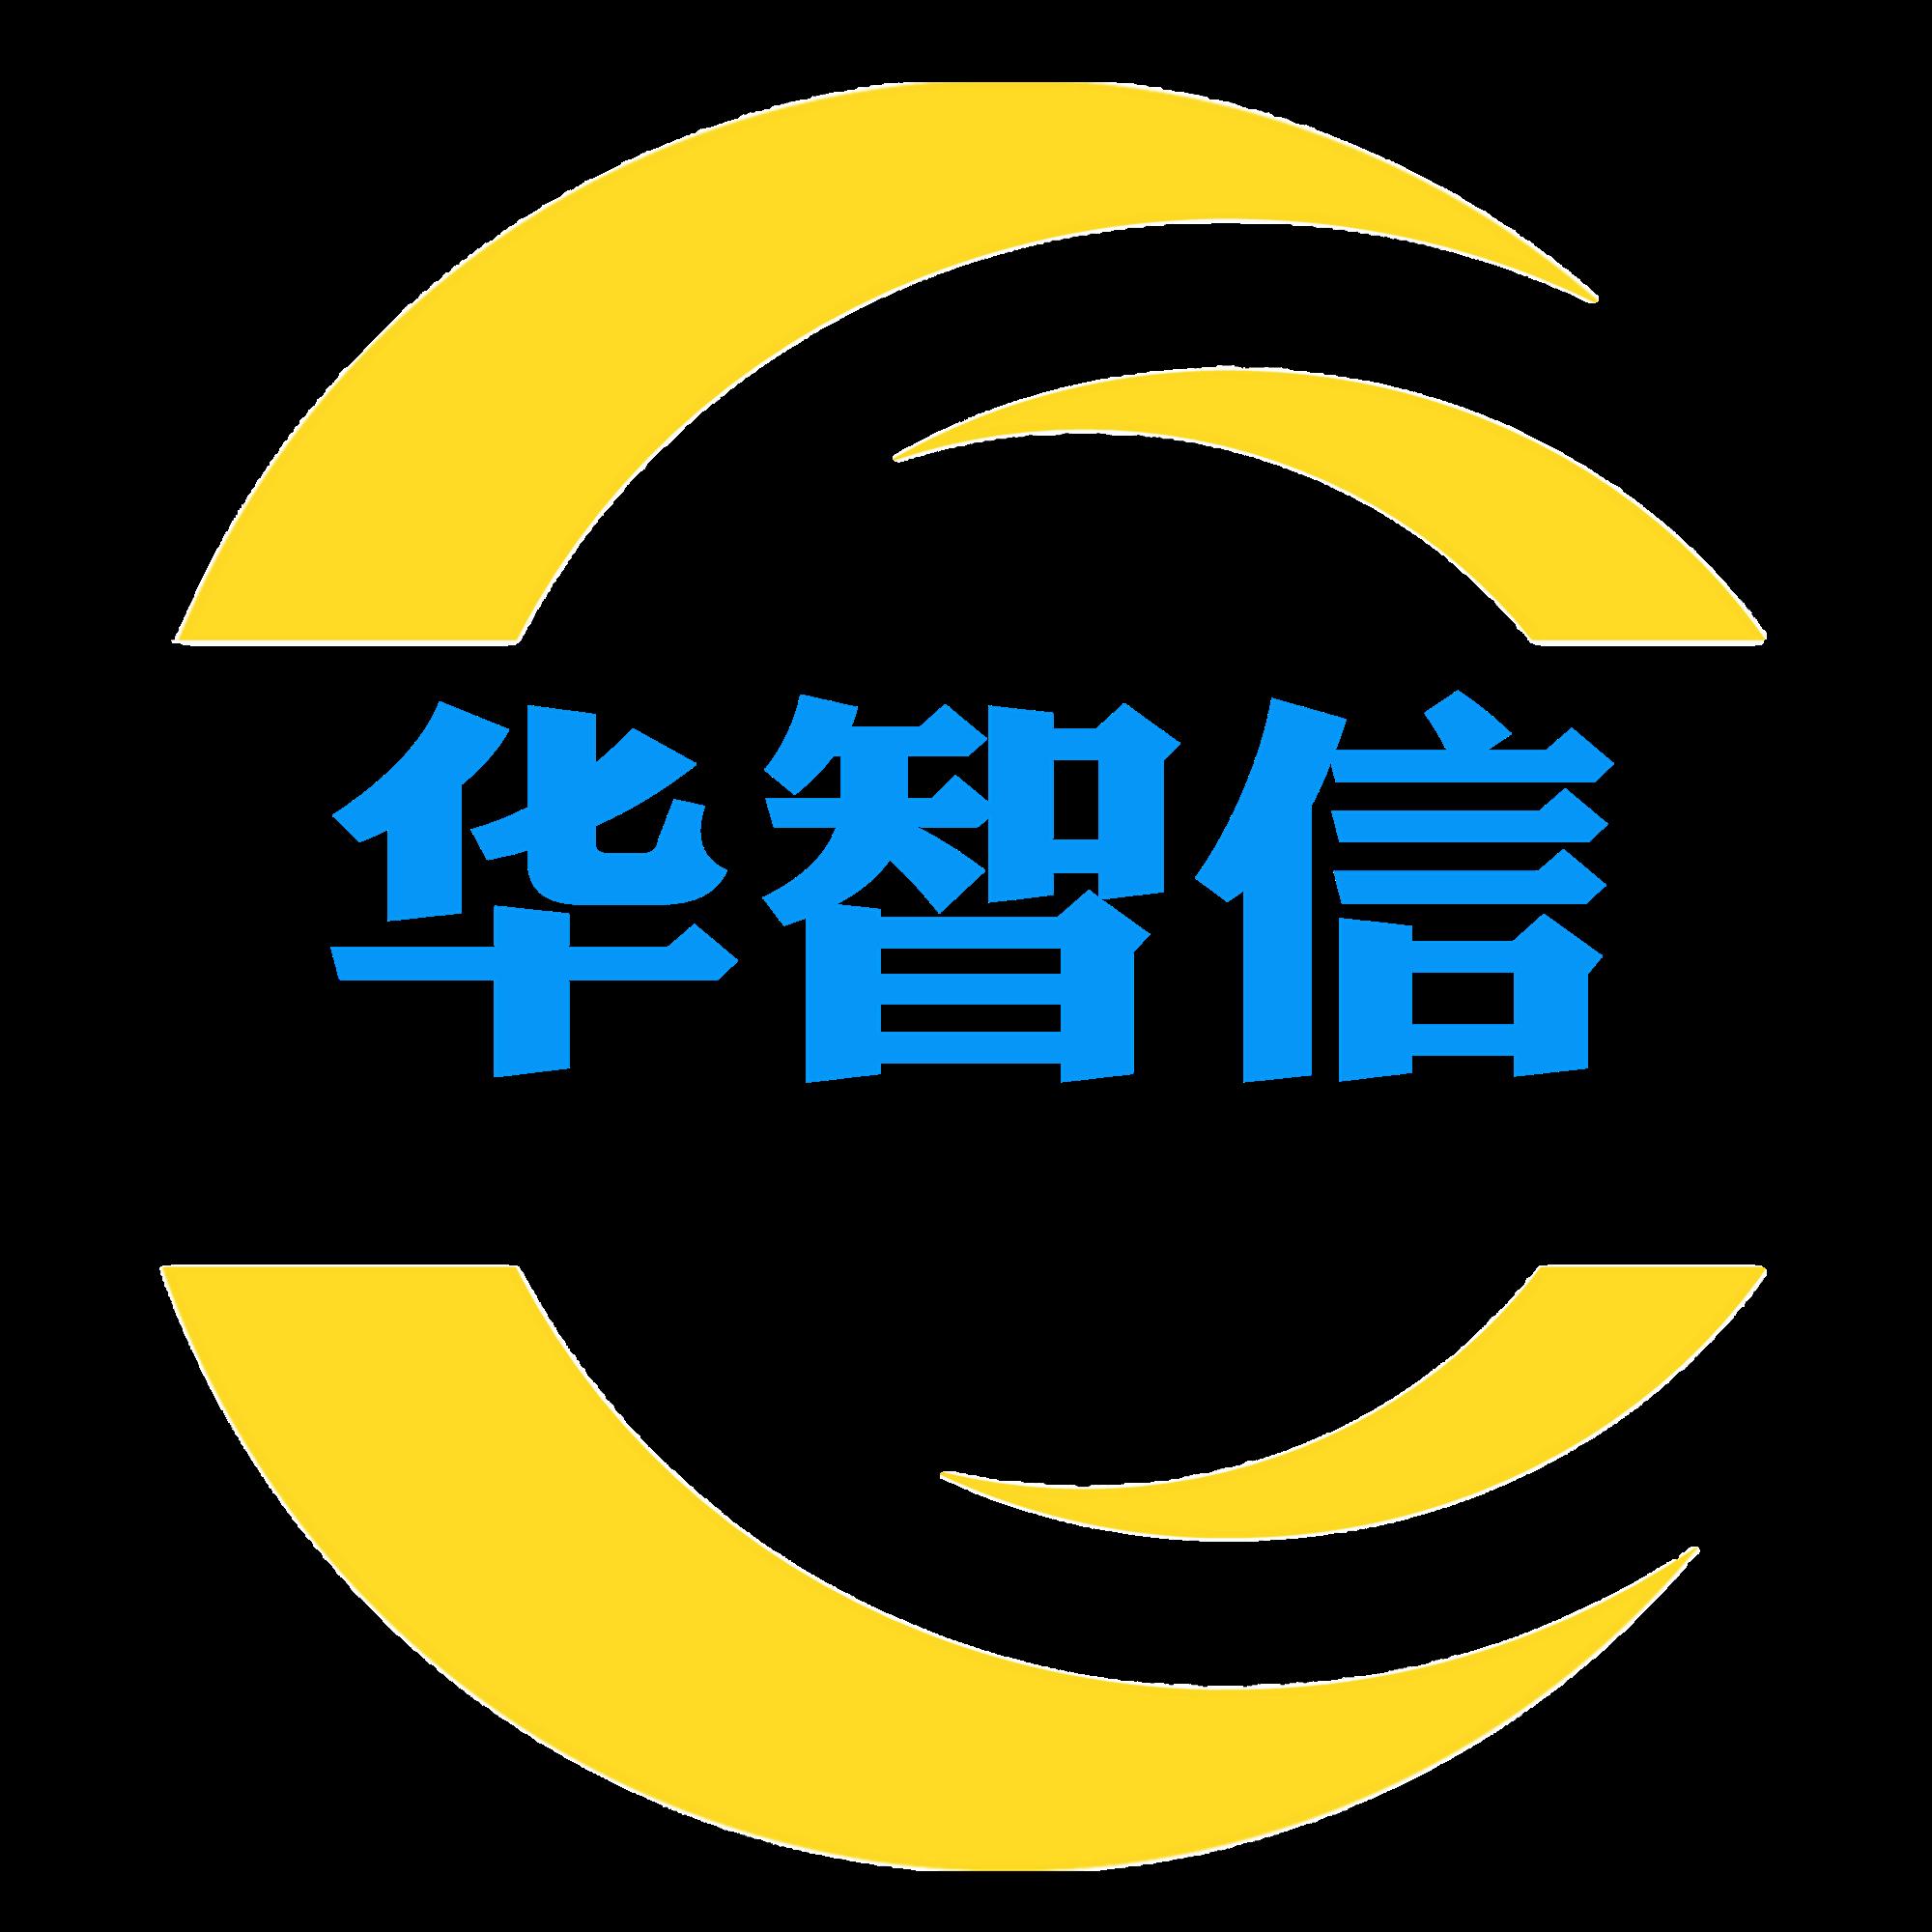 苏州华智信智能科技有限公司